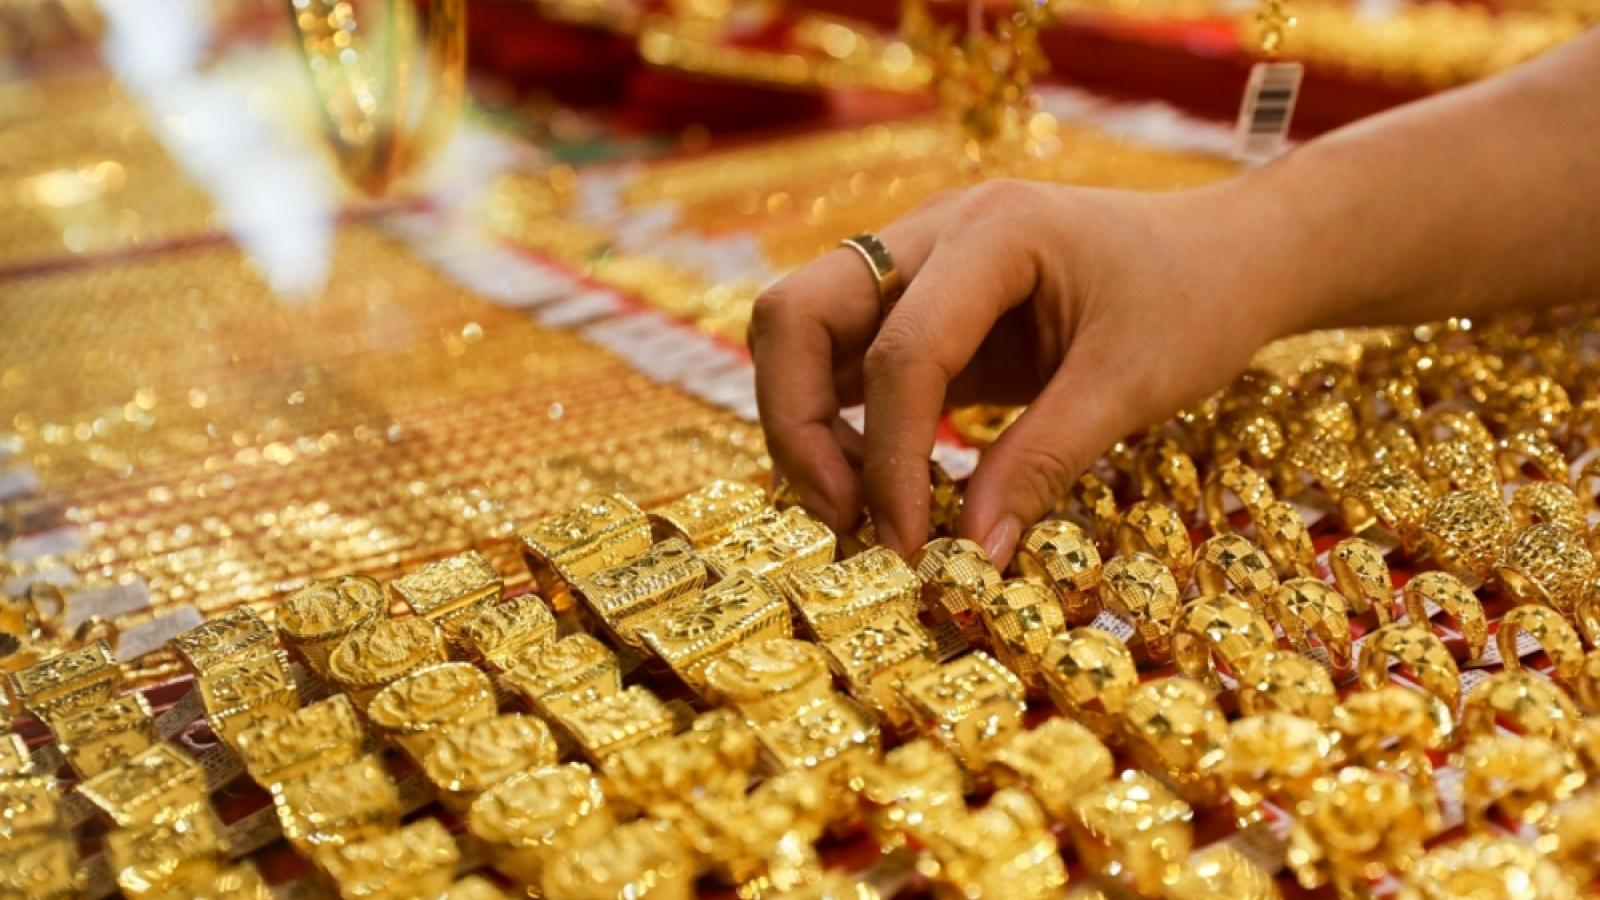 Giá vàng trong nước giảm, vẫn cao hơn vàng thế 6,5 triệu đồng/lượng